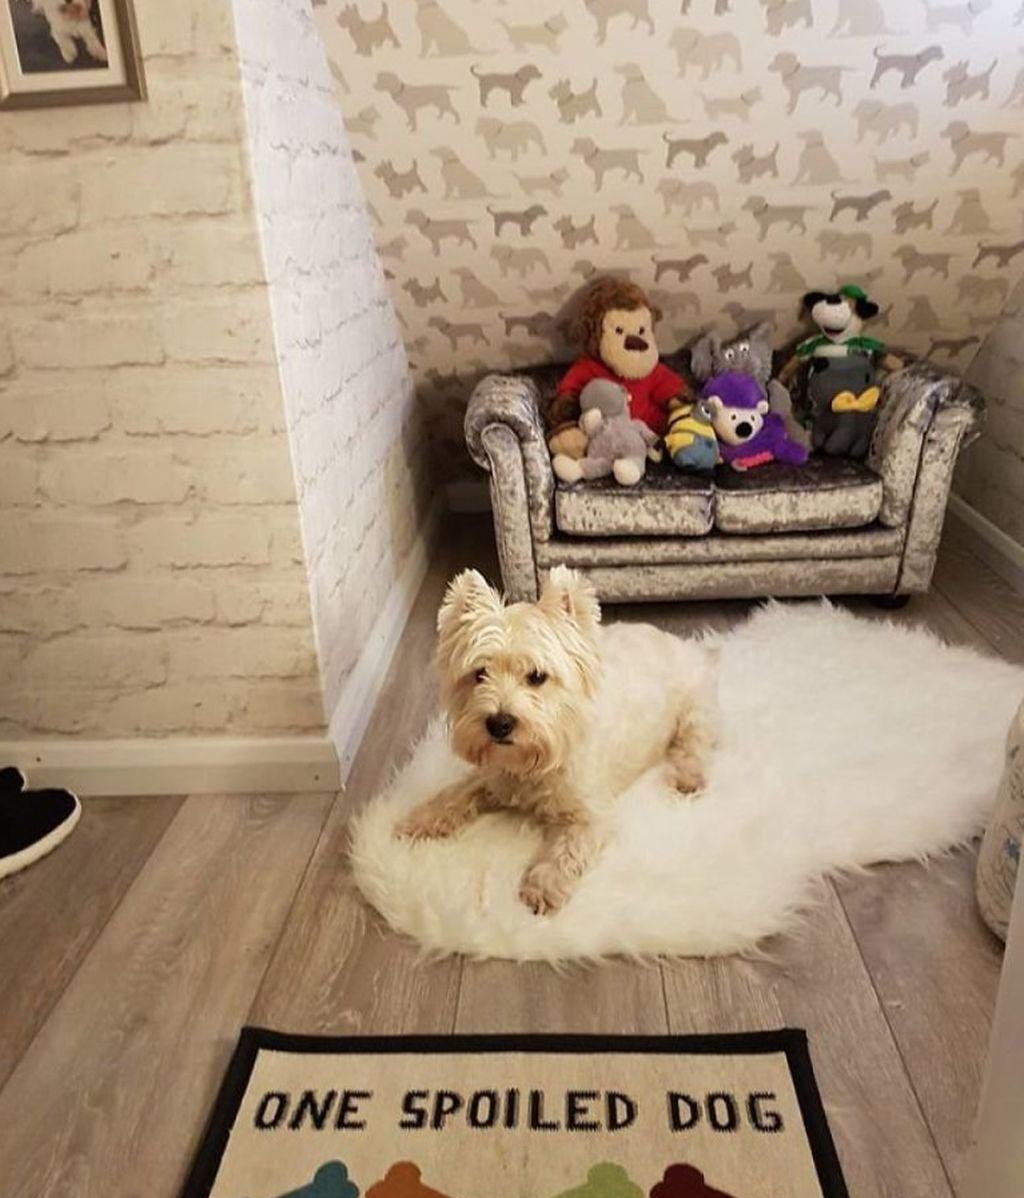 Le hace una habitación a su perro para que se sienta como uno más de la familia tras nacer su hijo